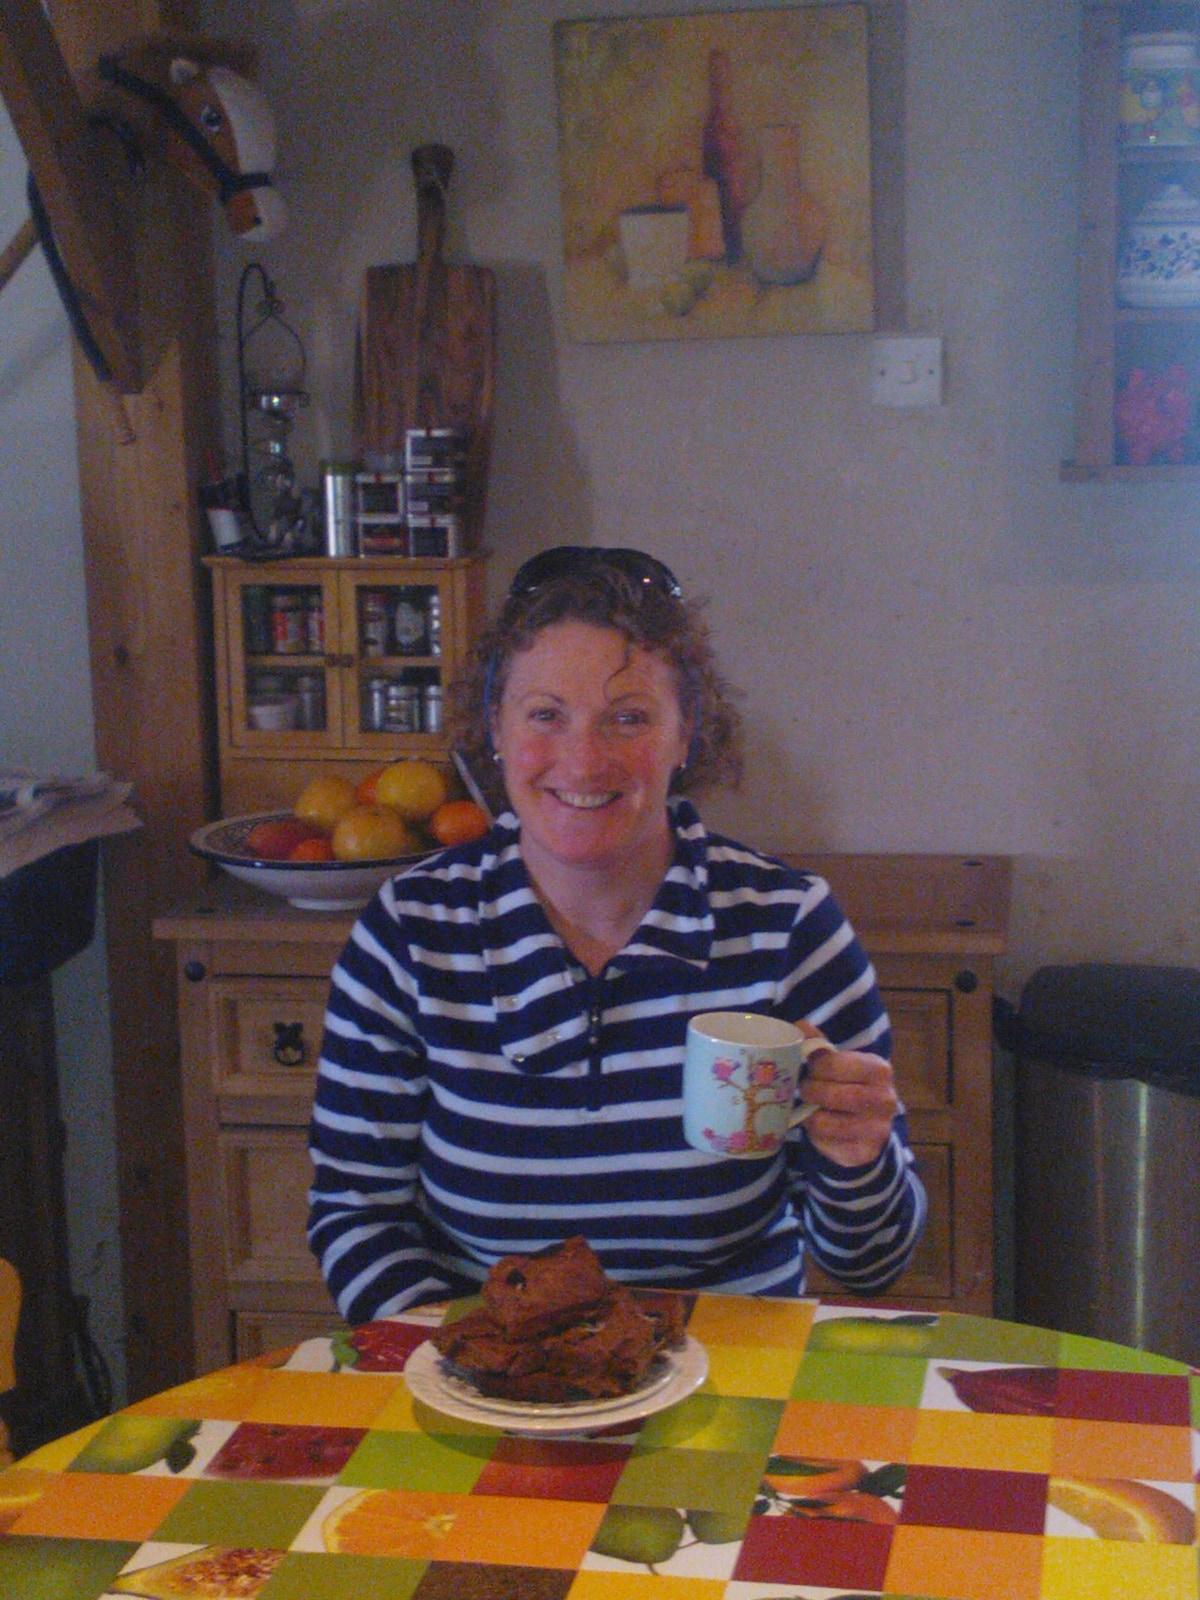 Lynn from Wexford